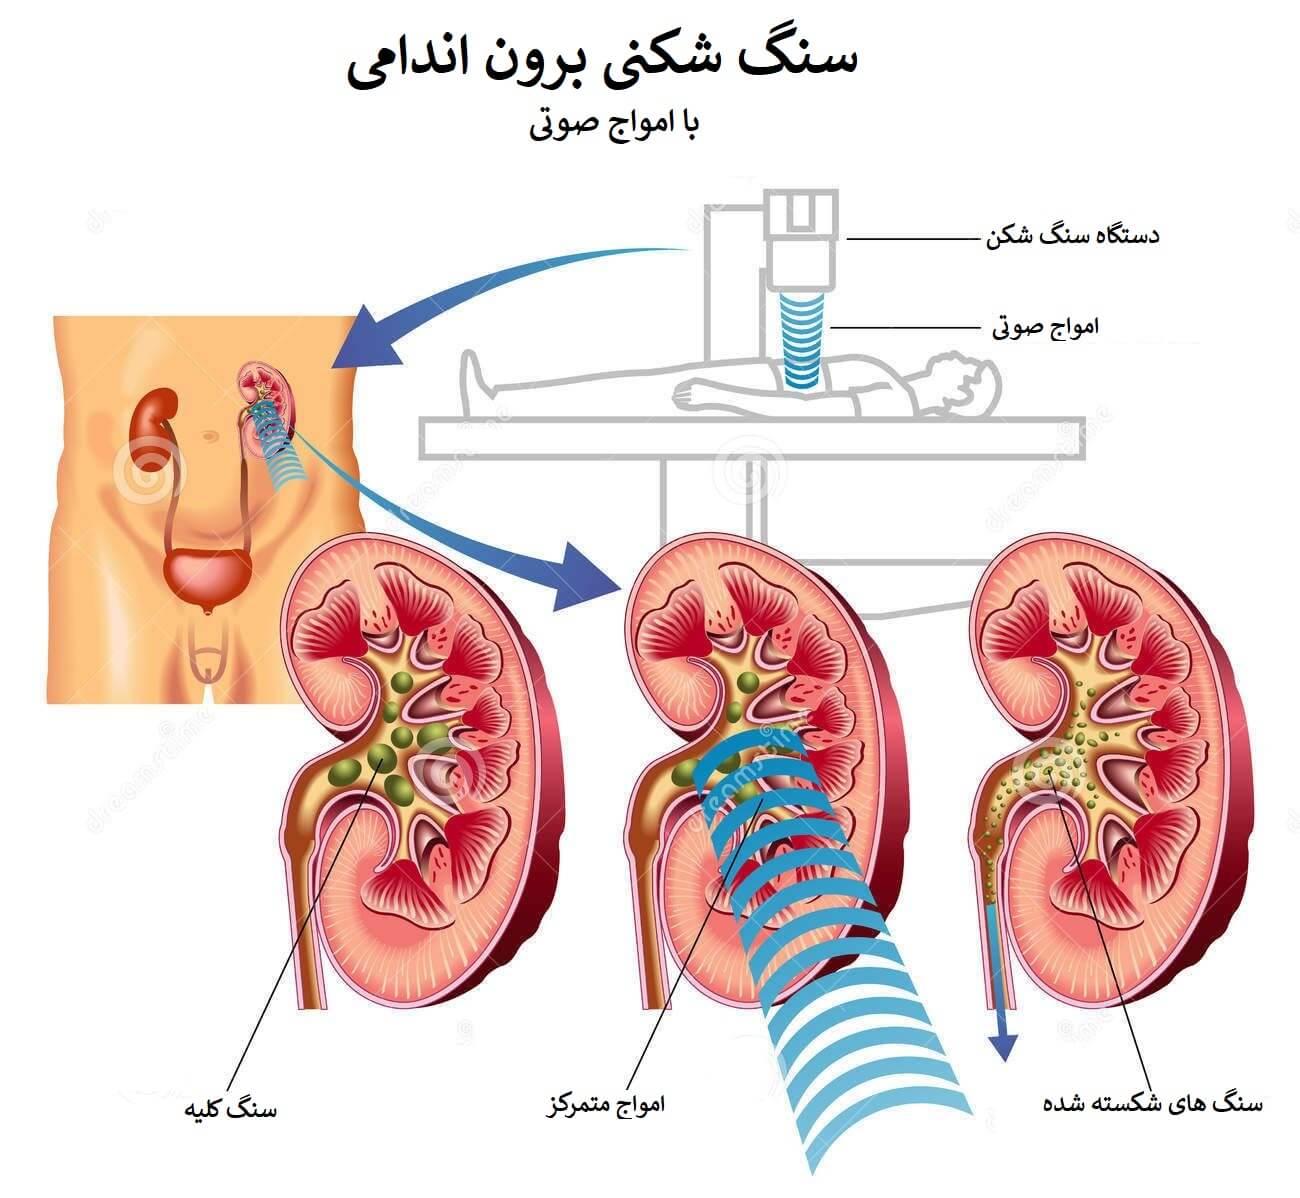 سنگ شکنی برون اندامی چگونه است